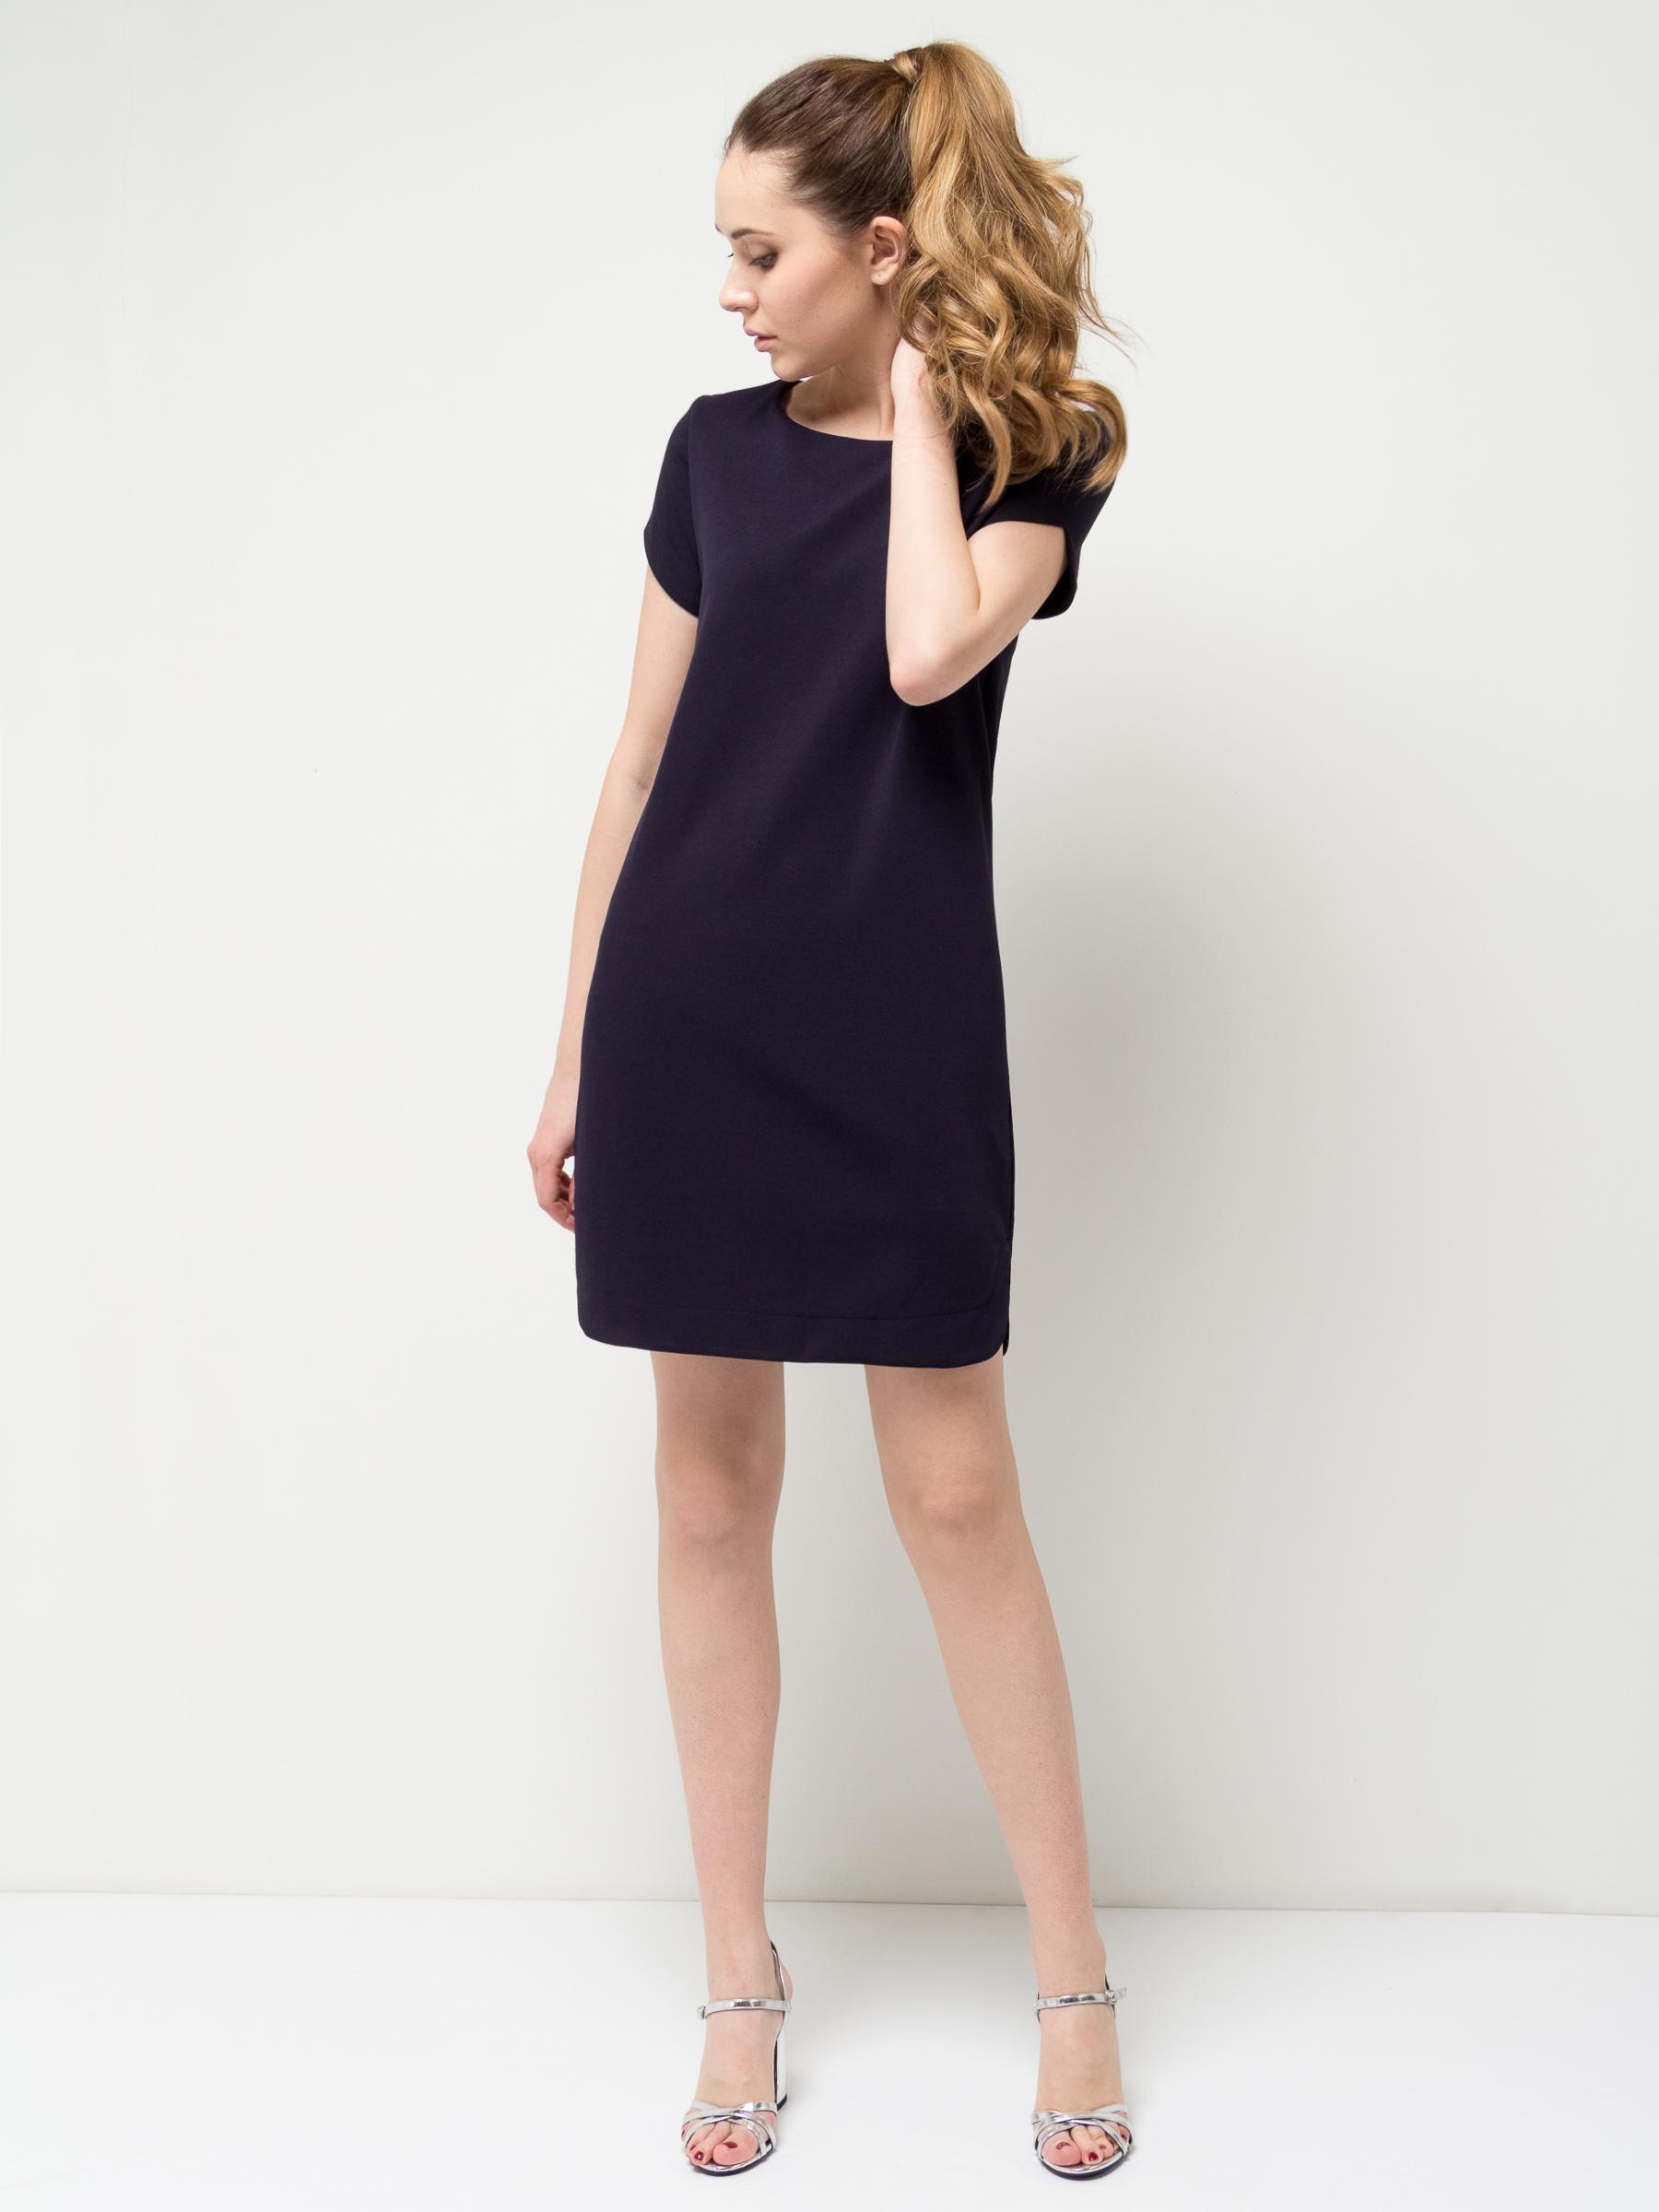 Платье Sela, цвет: черный. Dks-117/1113-7132. Размер XL (50)Dks-117/1113-7132Лаконичное женское платье Sela выполнено из качественного плотного трикотажа. Модель прямого кроя с короткими рукавами подойдет для офиса, прогулок и дружеских встреч и станет отличным дополнением гардероба. Мягкая ткань на основе полиэстера и эластана комфортна и приятна на ощупь и хорошо тянется.